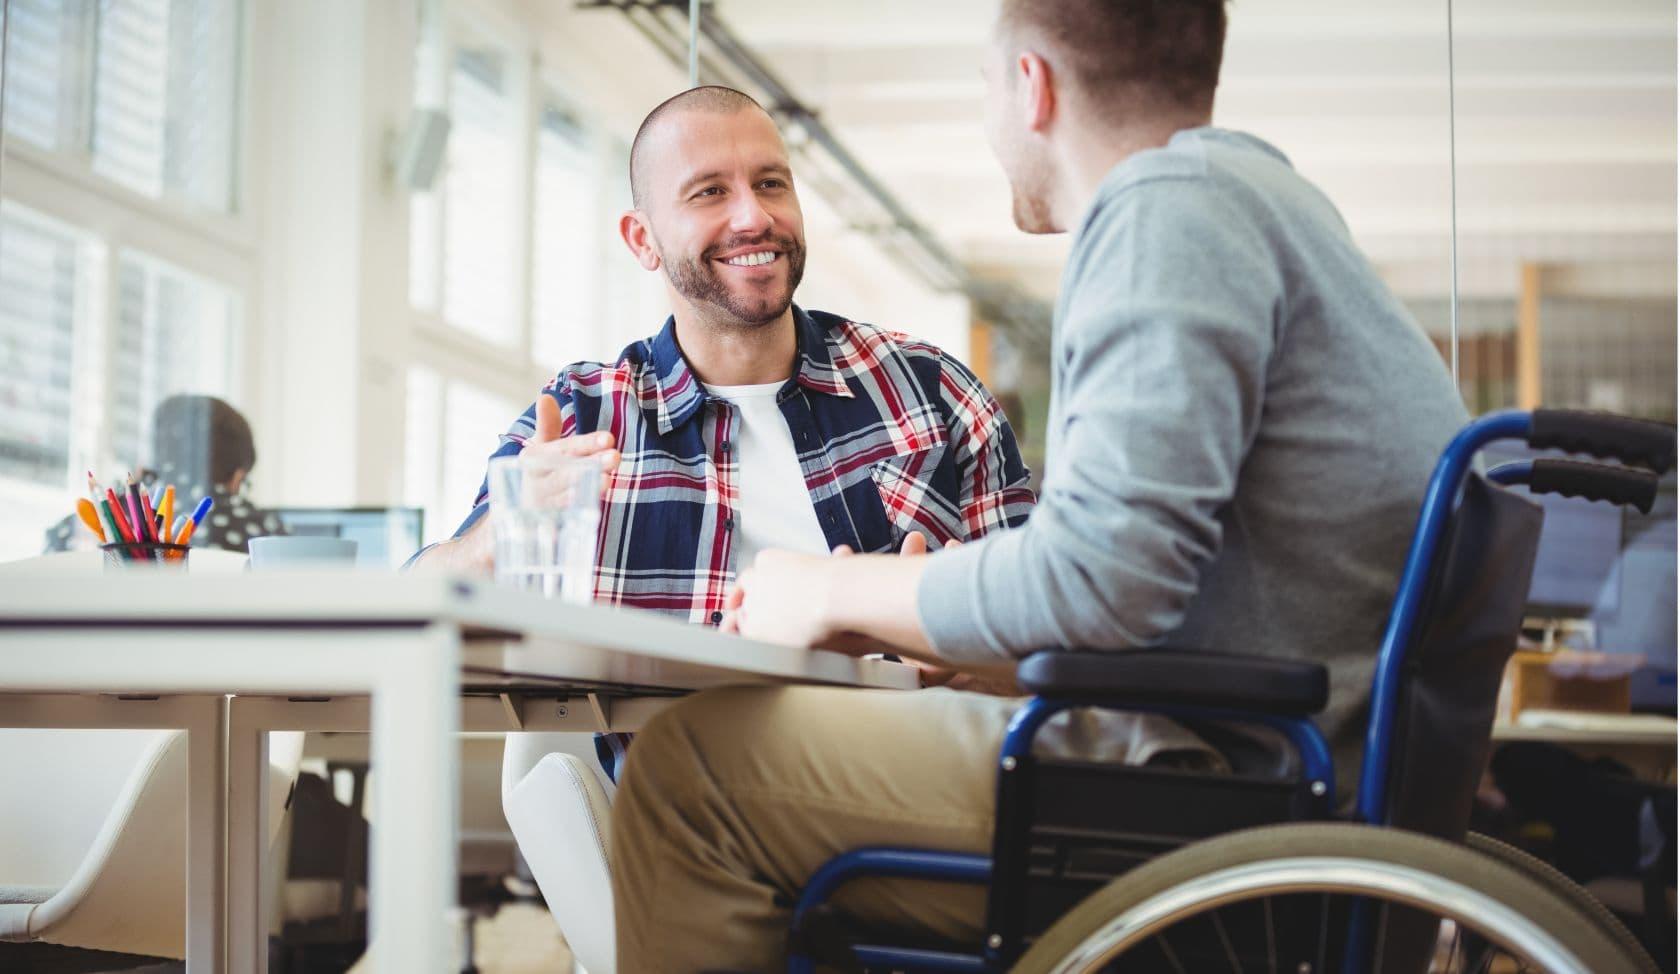 Beratungsgespräch zwei sitzende Männer einer davon im Rollstuhl